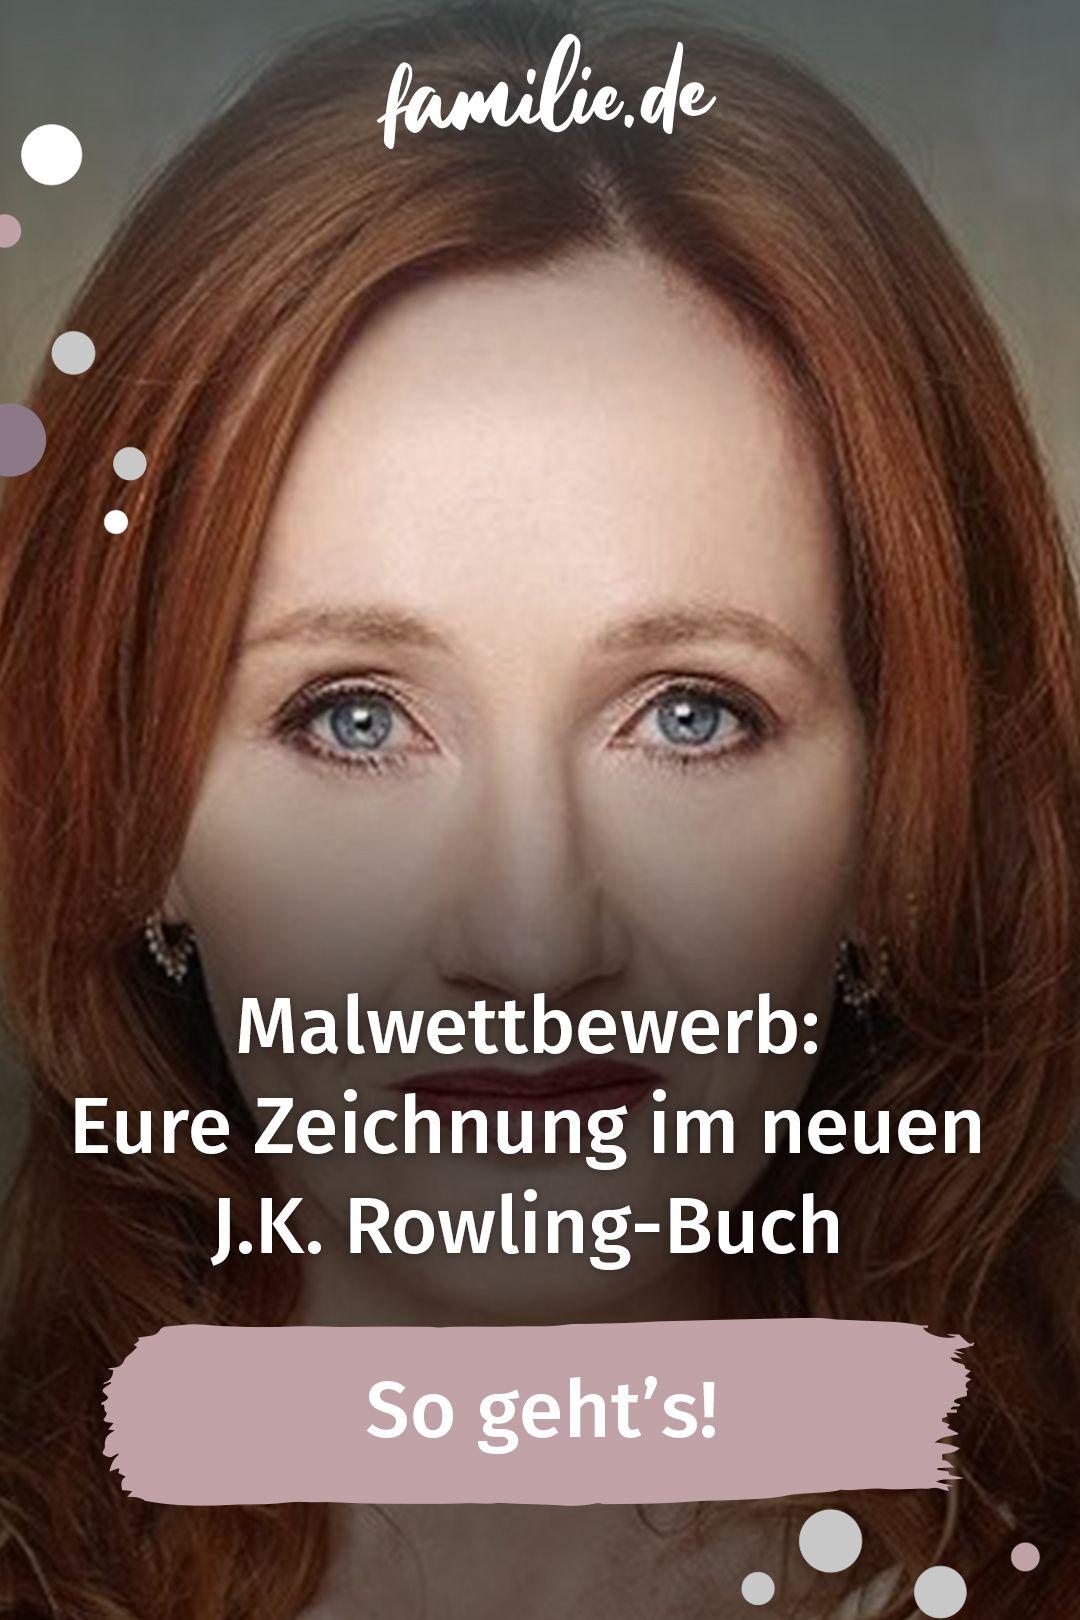 Kinder Malwettbewerb Eure Zeichnung Im Neuen J K Rowling Buch Familie De Malwettbewerb Bucher Buch Drucken